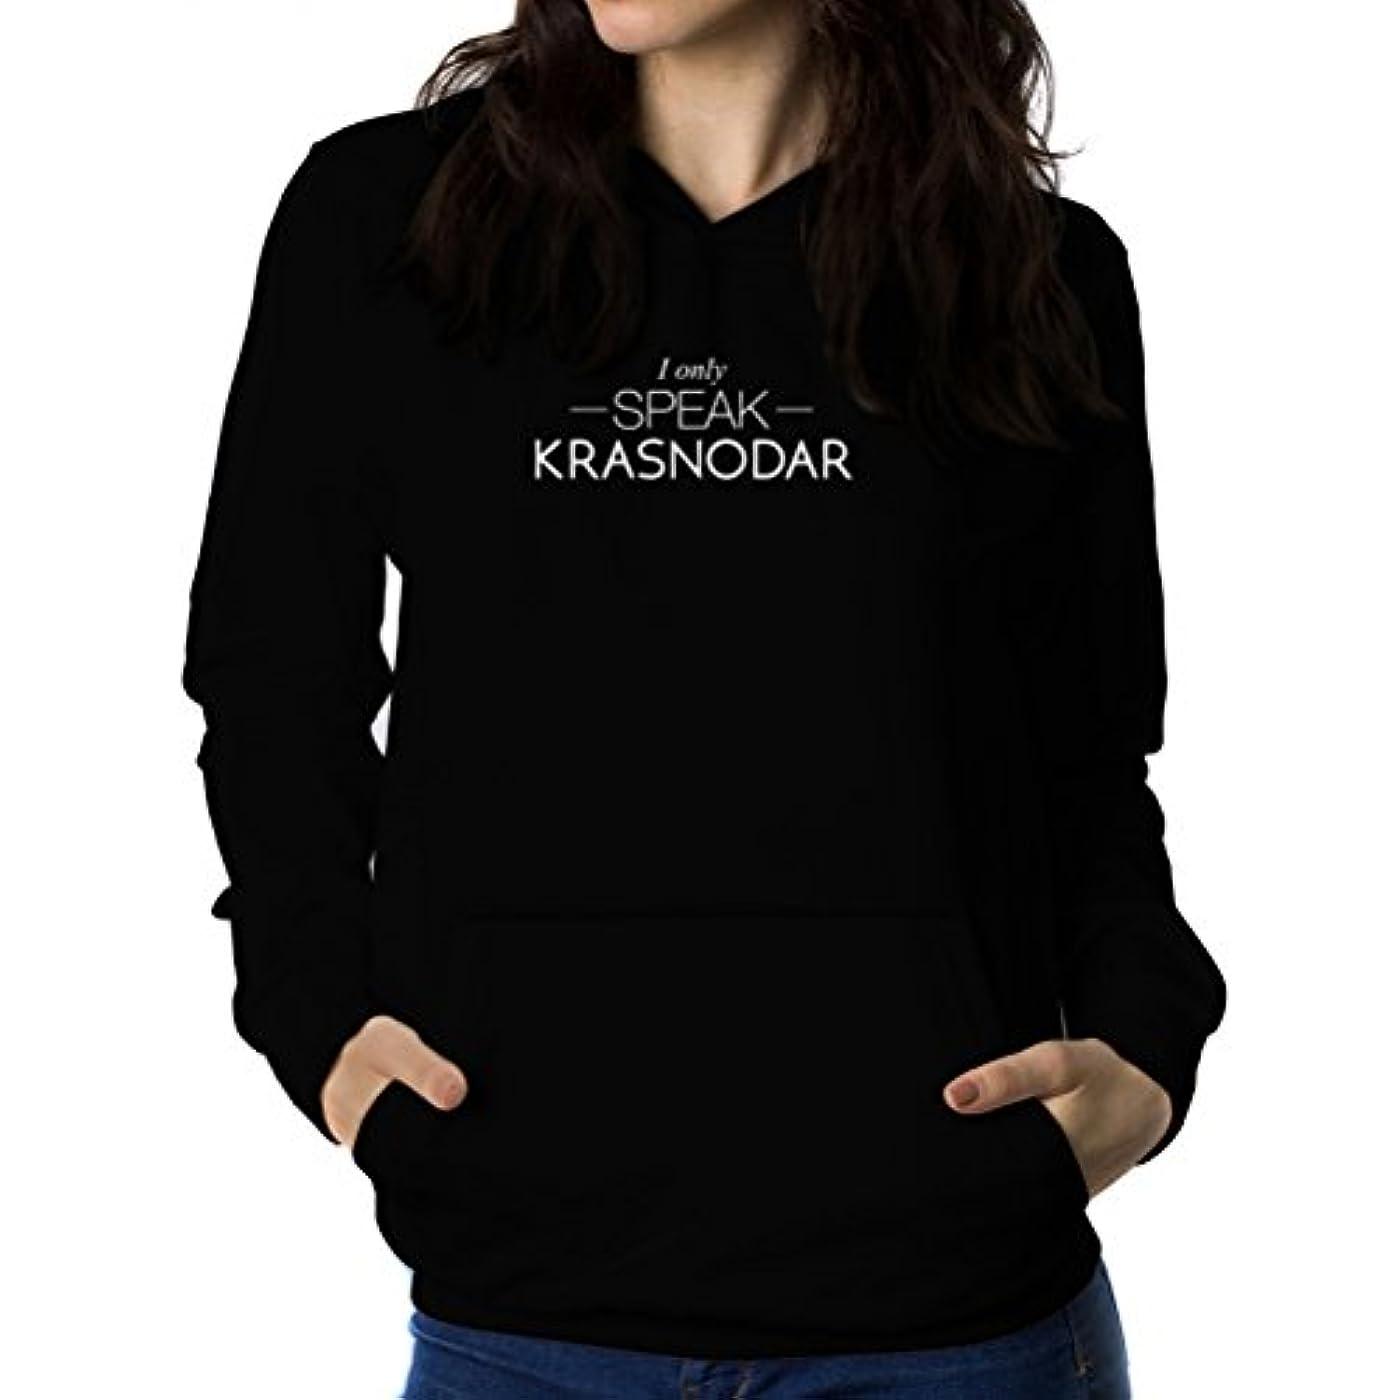 擬人眩惑するペチコートI only speak Krasnodar 女性 フーディー